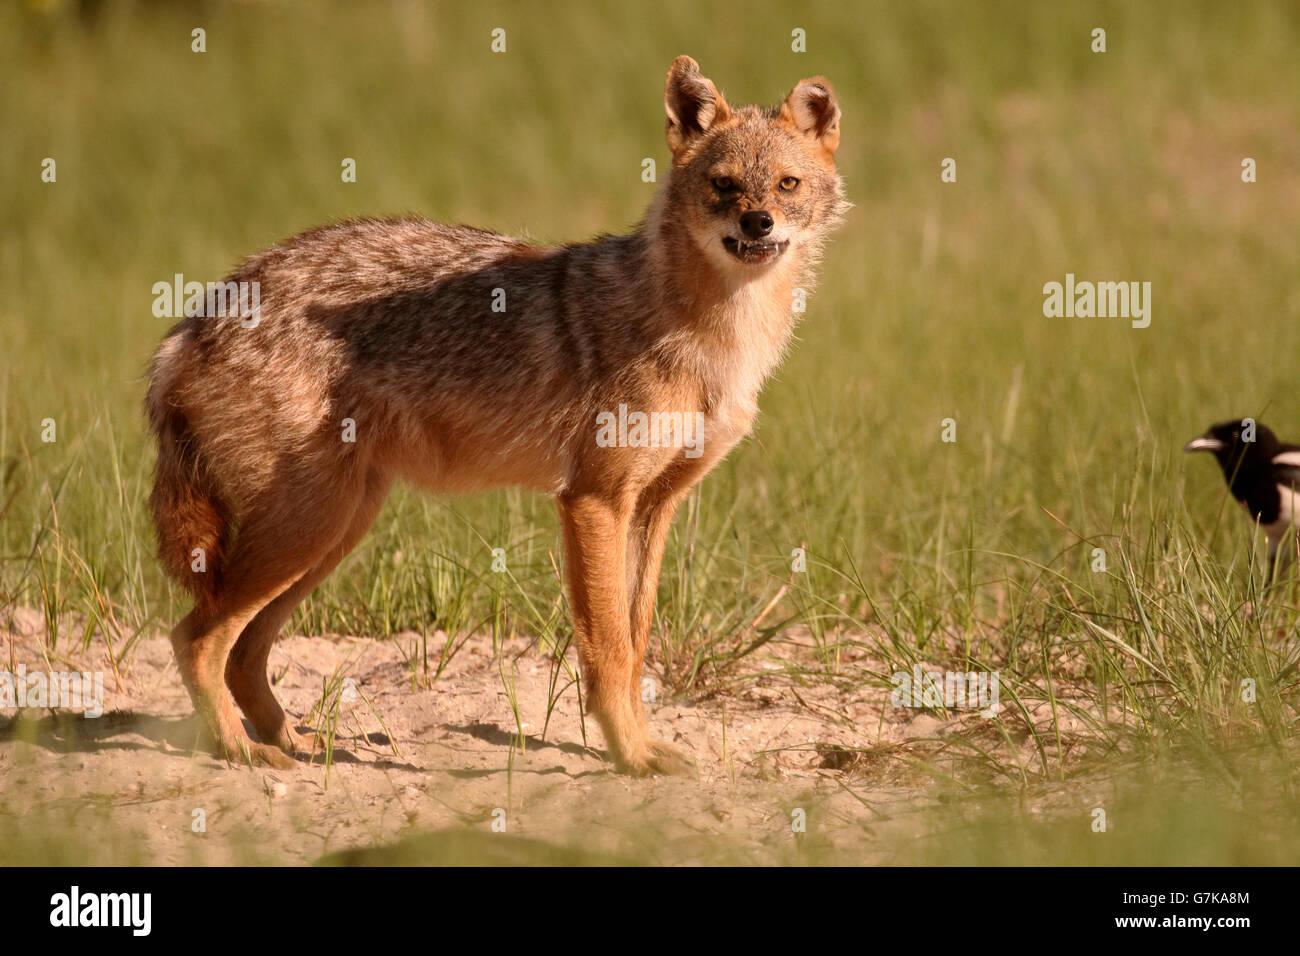 Unión chacal, Canis aureus moreoticus, único mamífero sobre el césped, Rumania, junio de 2016 Foto de stock